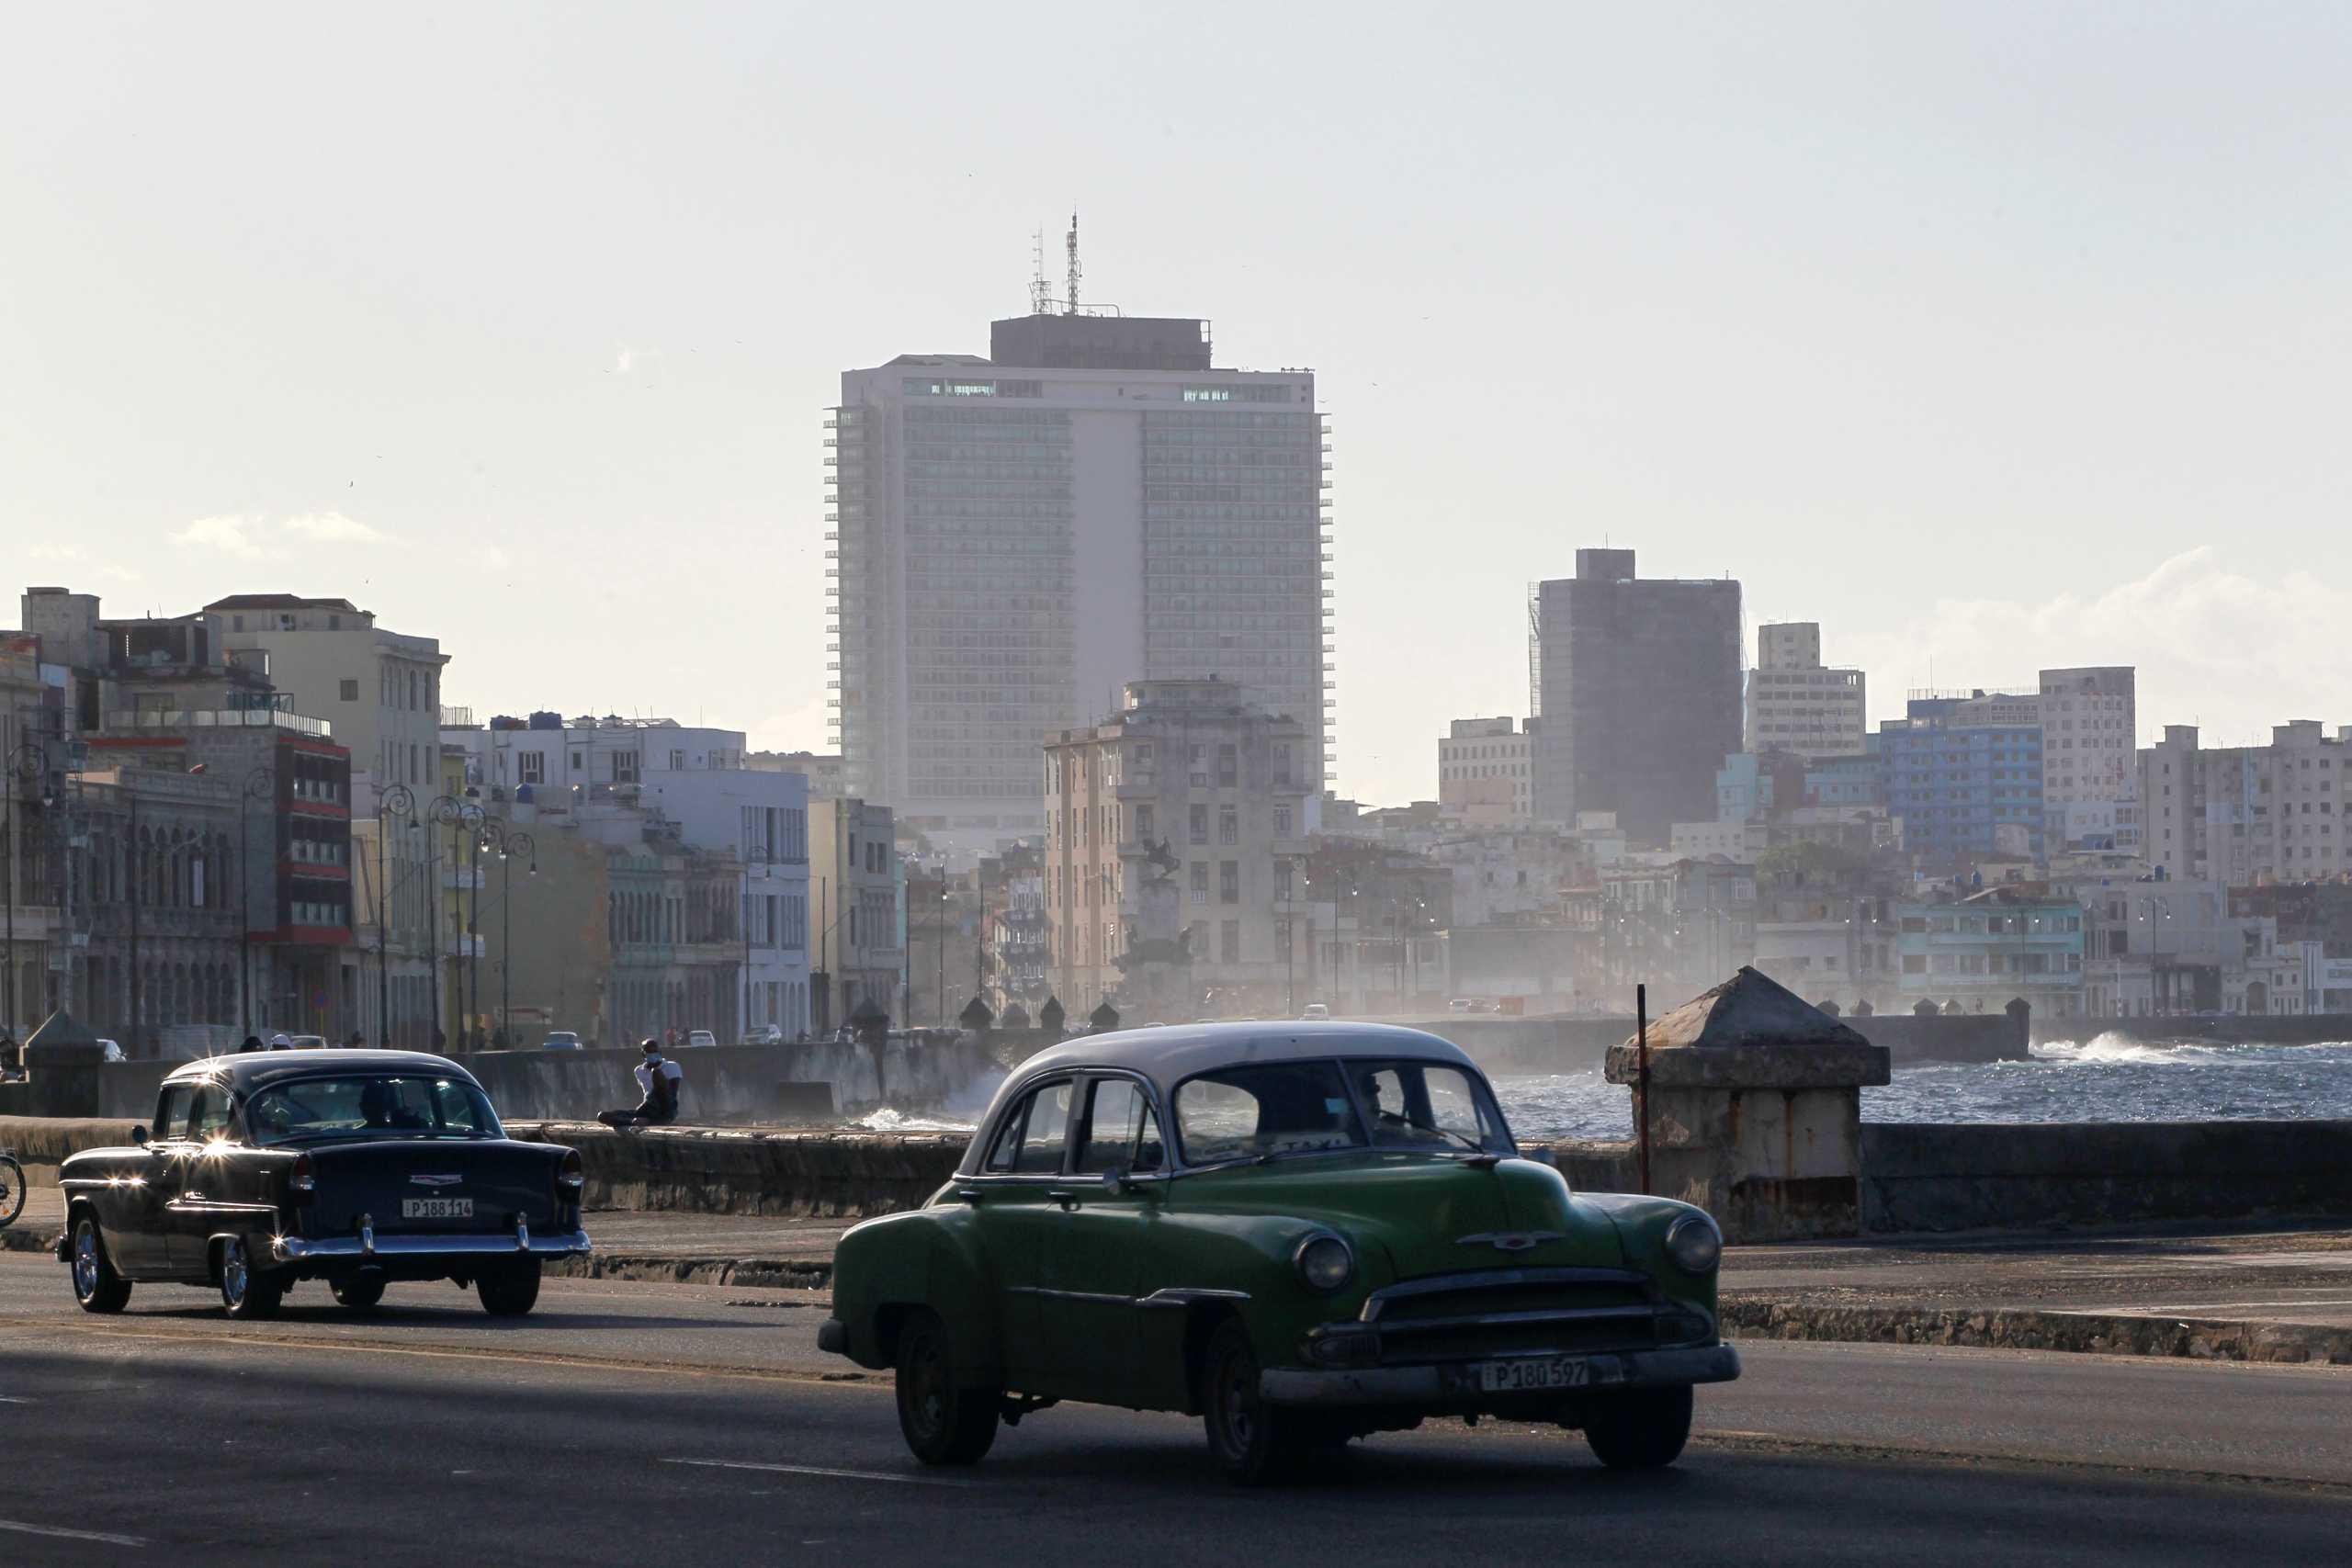 Κούβα: Αυστηρό lockdown μετά τα ρεκόρ κρουσμάτων